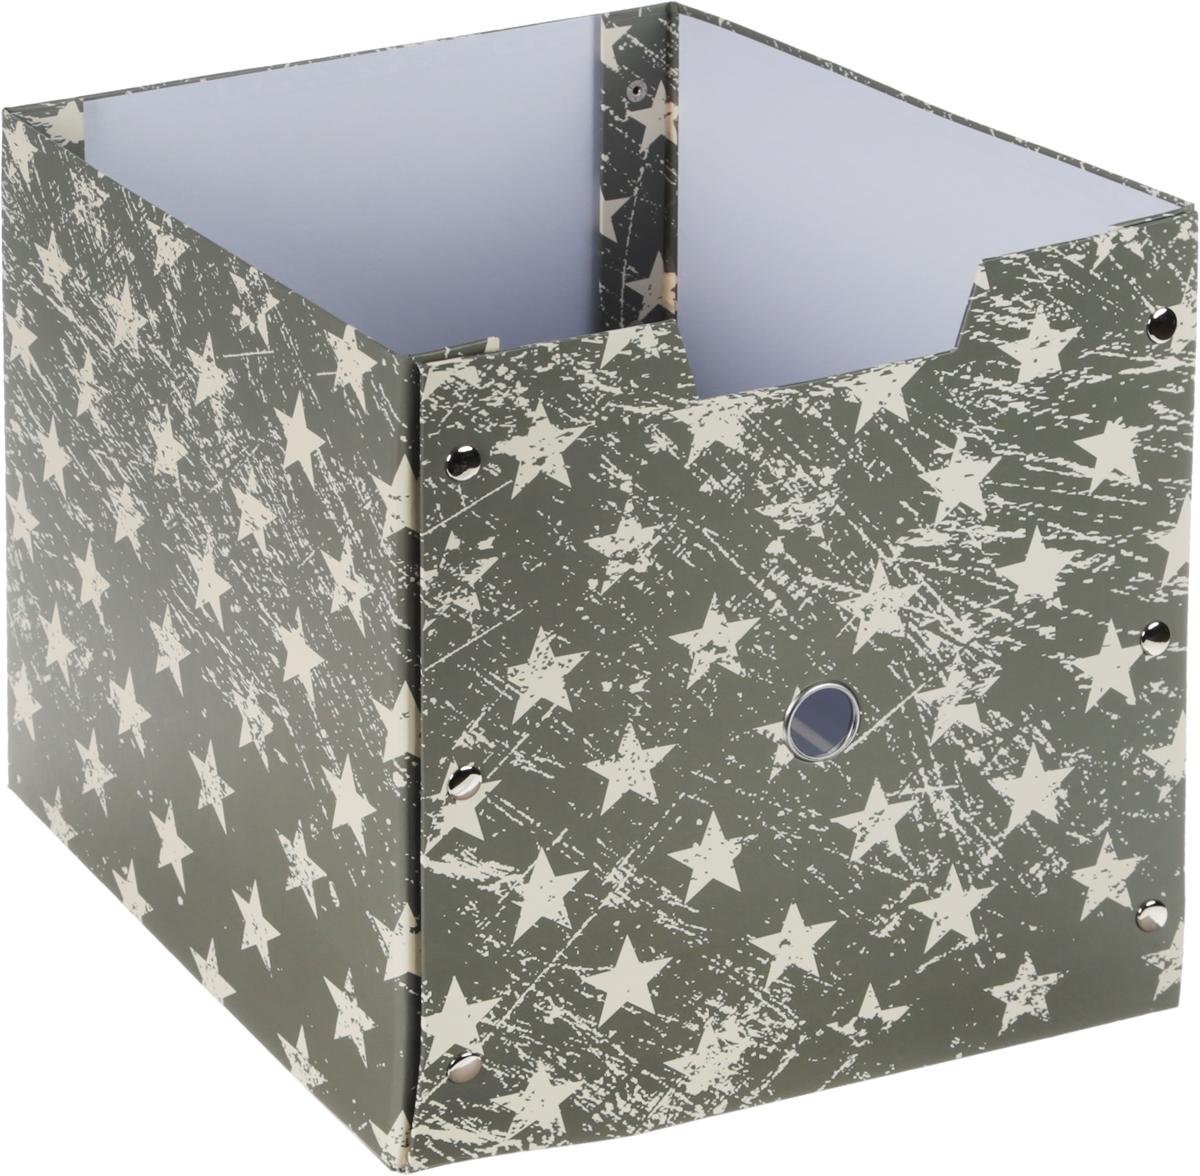 Коробка для хранения, складная, цвет: хаки, бежевый, 30,5 х 30 х 274-0060Коробкадля хранения изготовлена из высококачественного плотного картонаи оформлена оригинальным принтом. Она предназначена для хранения различных мелочей. Изделие легко собирается с помощью металлических креплений и не занимает много места. Такая коробка для хранения идеальное решение для аккуратного хранения различных ниток, канцелярских товаров.Размер коробки (в собранном виде): 30,5 х 30 х 2 см.